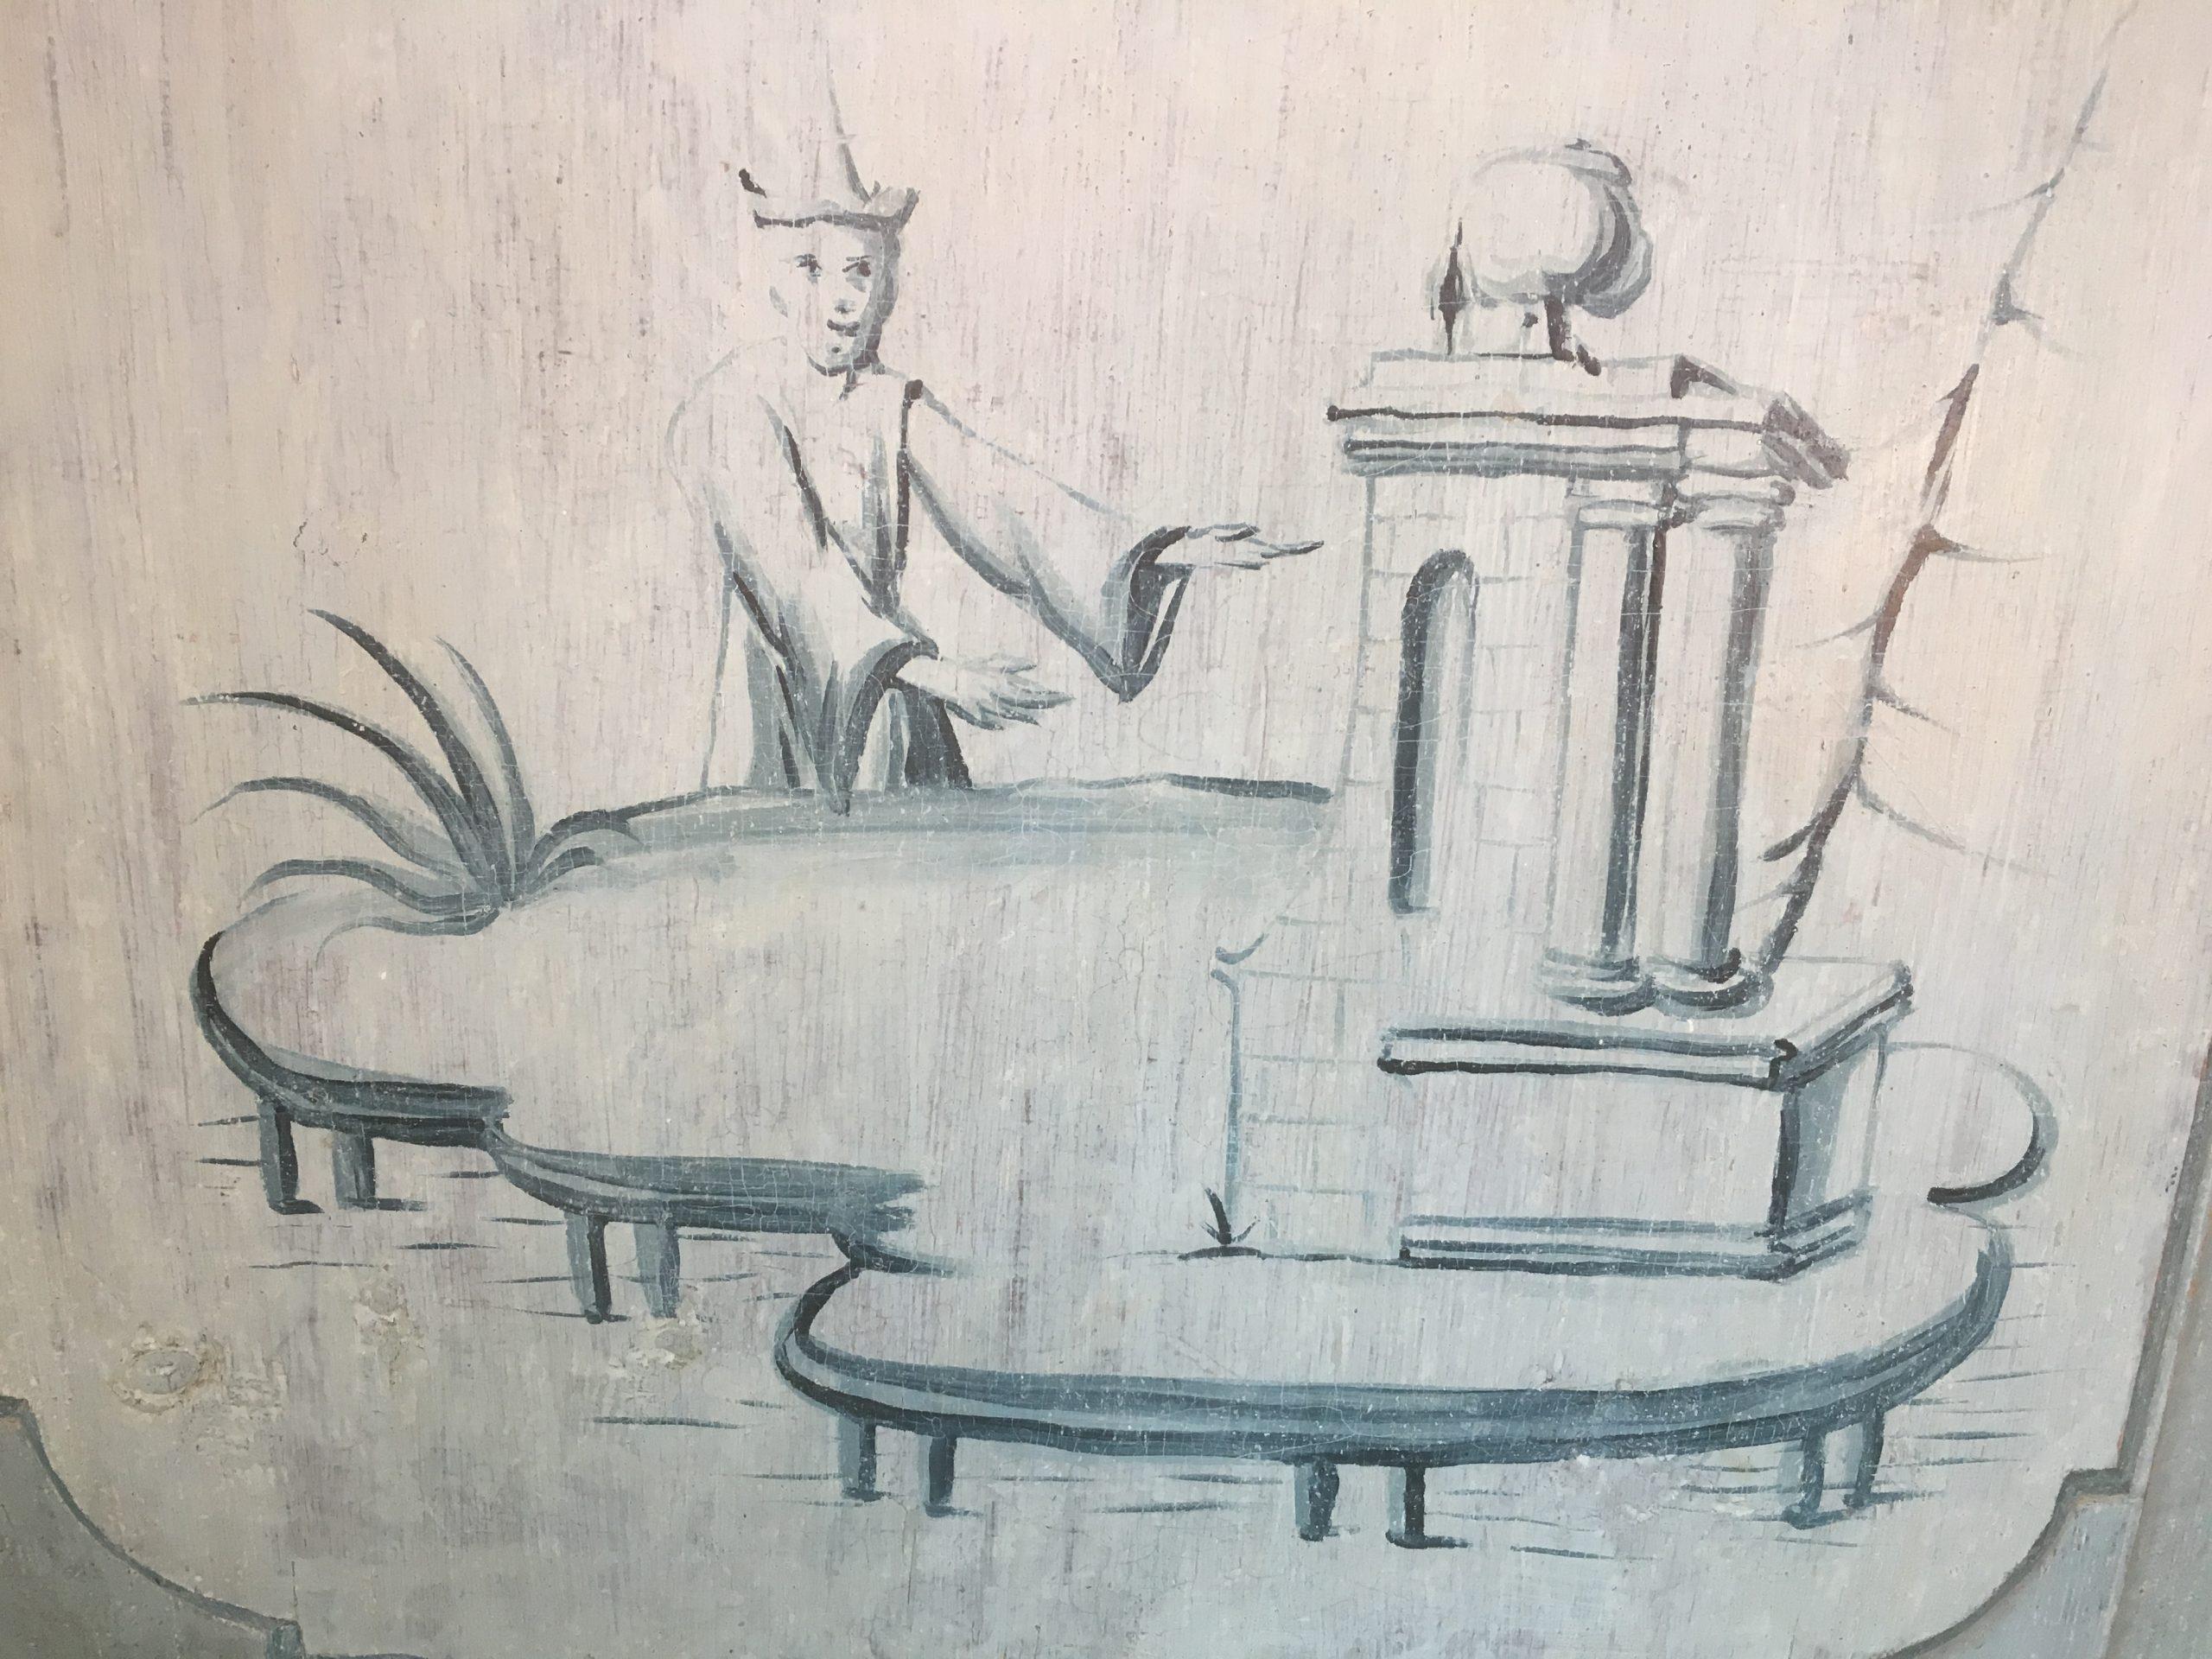 Bilde av en av kineseriene i salen.Kineserier, dekorasjoner med kinesiske motiver, var særlig populære på 1700-tallet. Foto: Turid Årsheim, Riksantikvaren